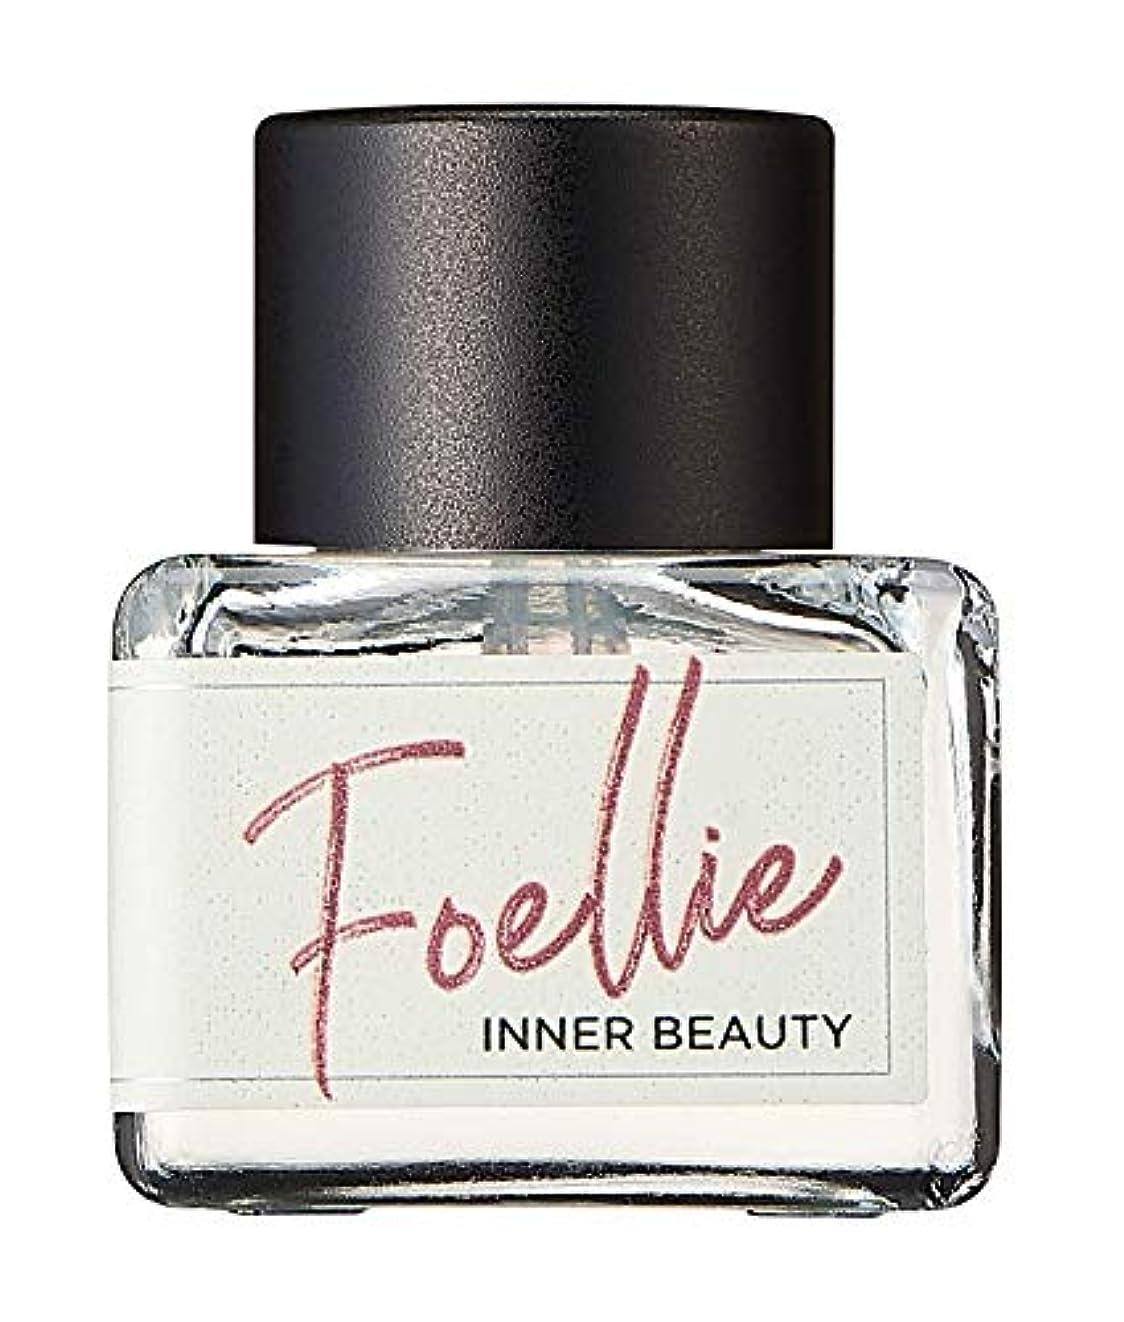 関数祈りオーバーヘッド[フォエリー(FOELLIE)] eau de bonbon オードボンボン – フェミニン、インナービューティー香水(下着用)、甘い桃の魅力的な香りの香水, 5ml(0.169 fl oz)